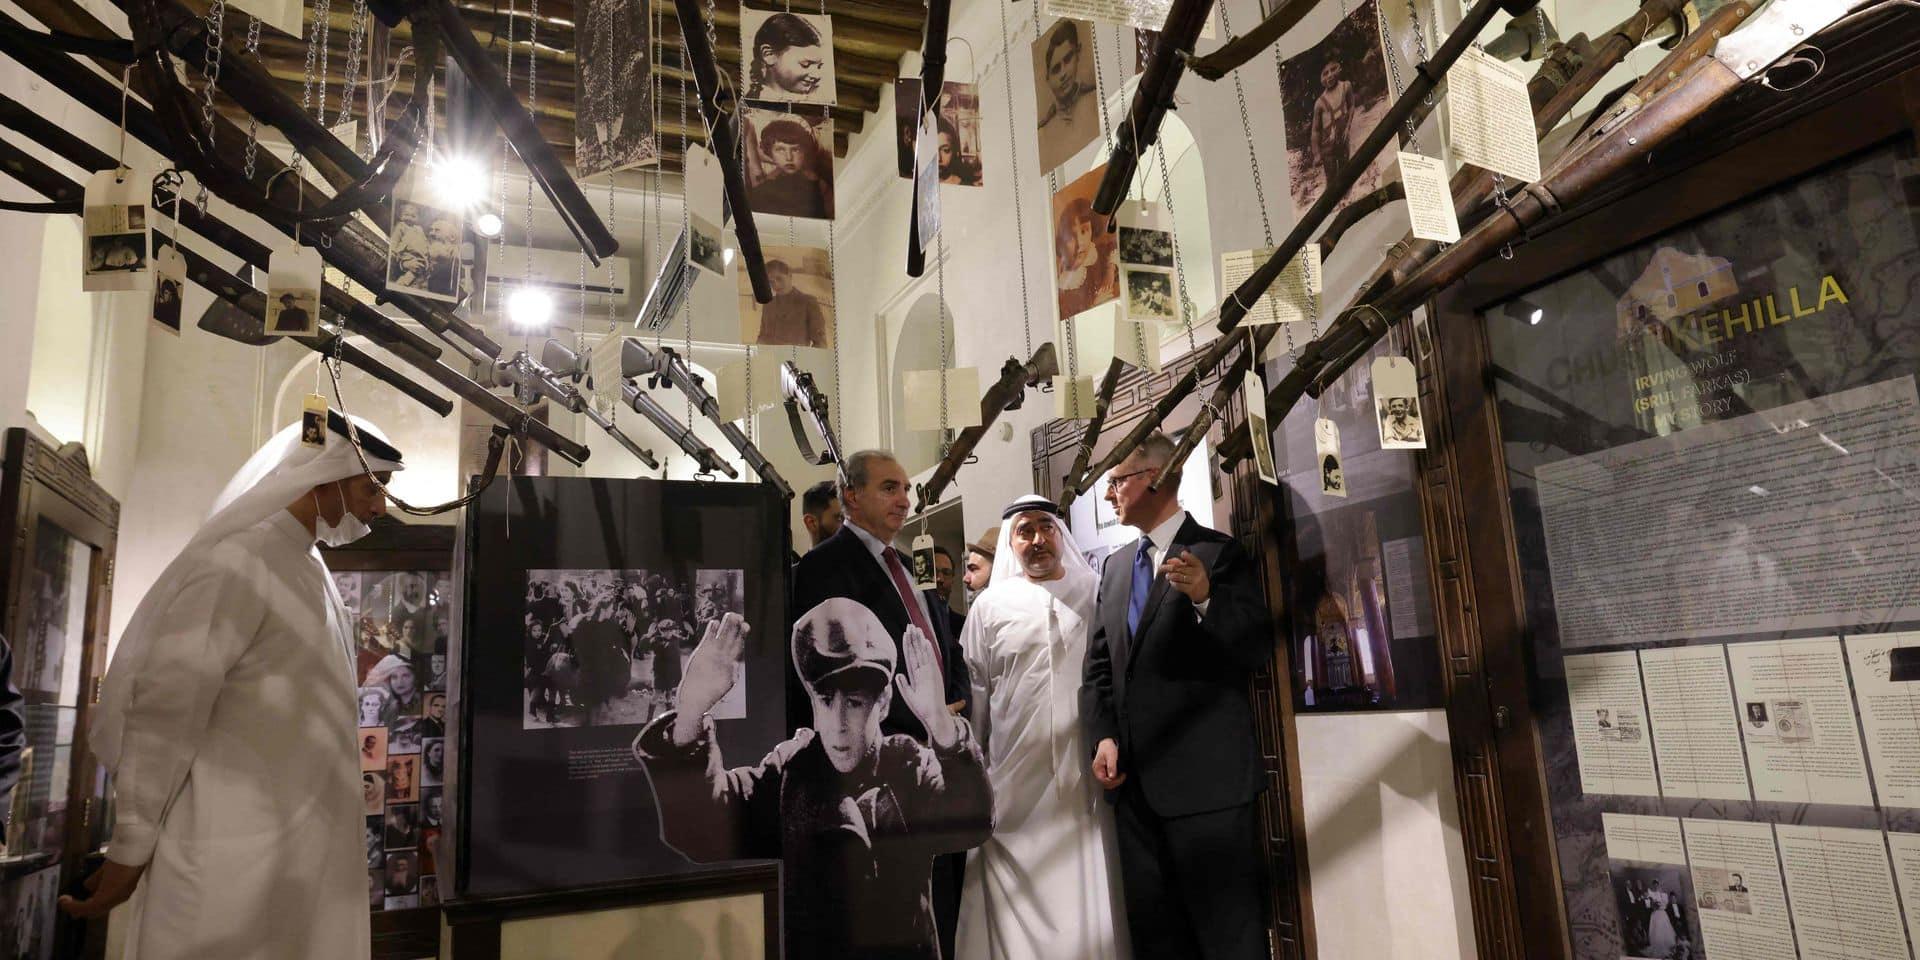 L'ambassadeur d'Israël aux Emirats visite l'exposition commémorant l'Holocauste au Musée de la rencontre des civilisations, à Dubaï.